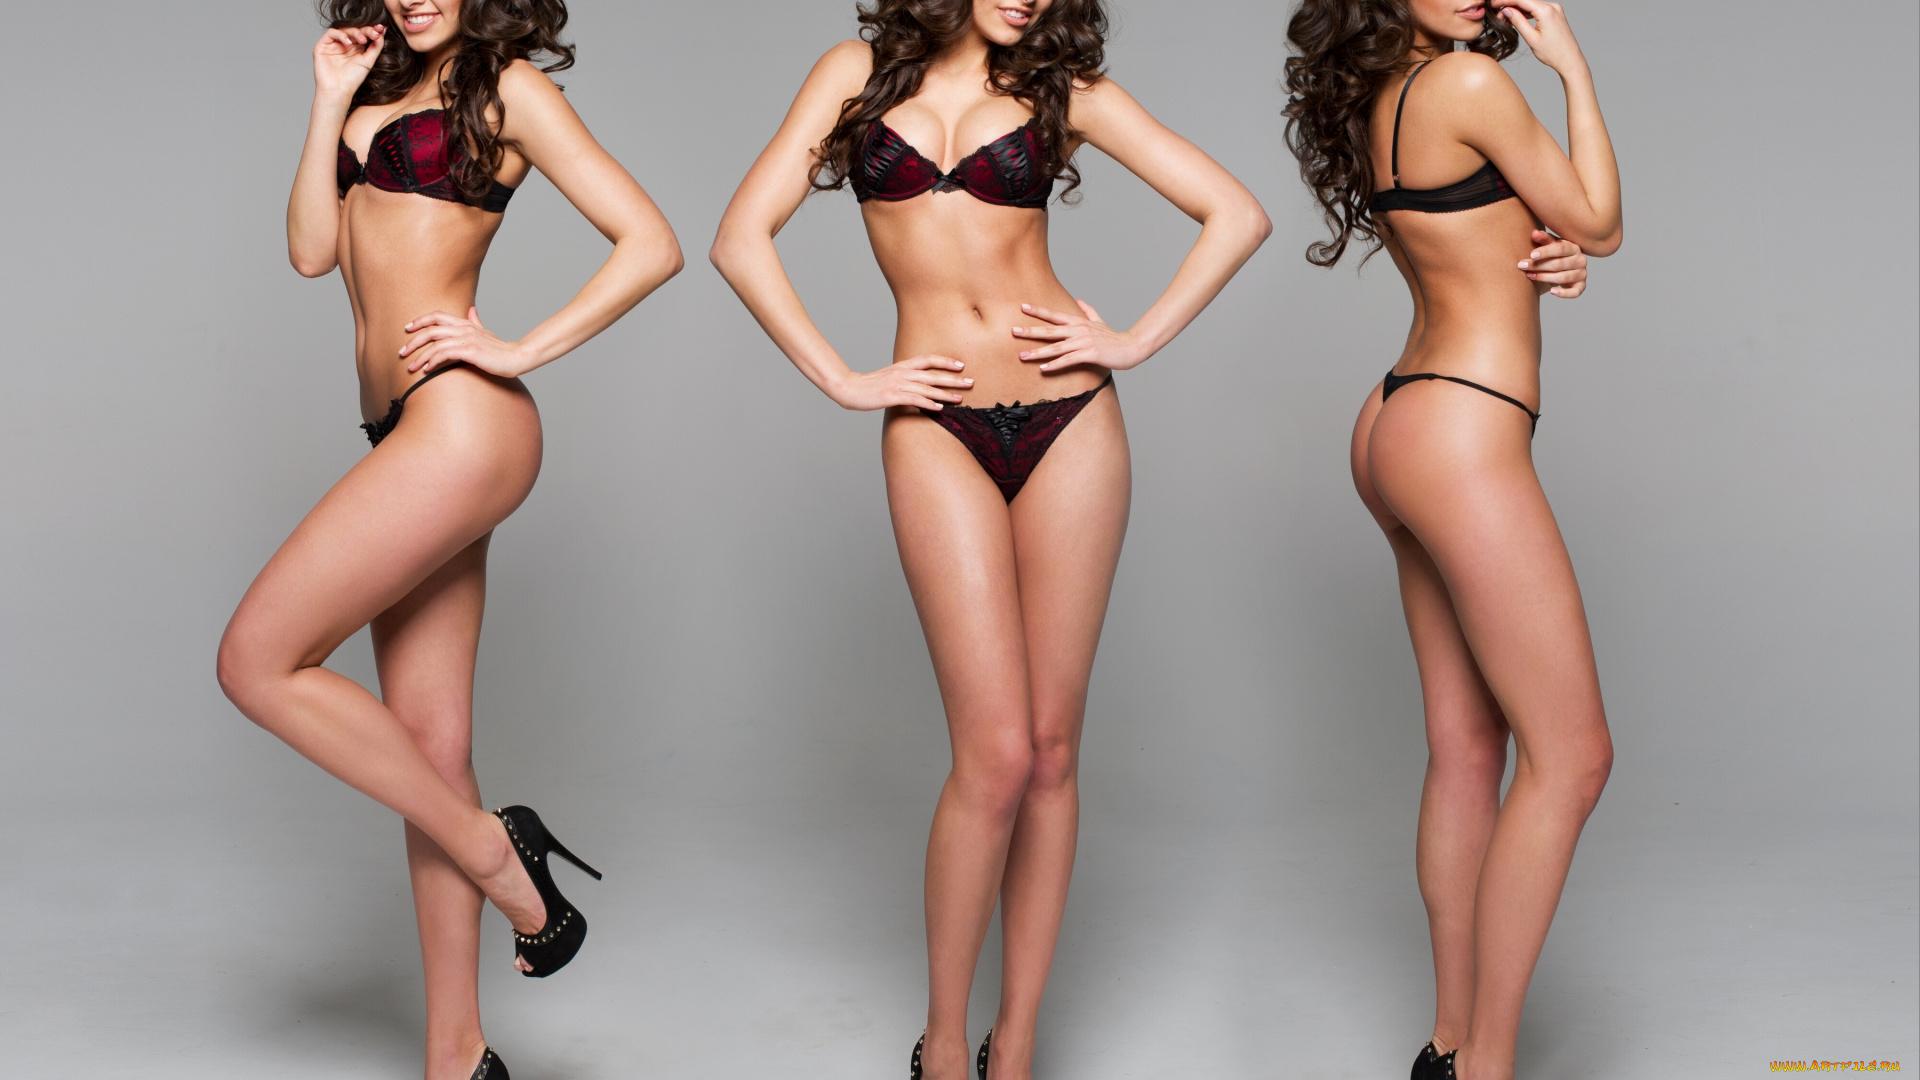 seksualnie-figuri-devushek-foto